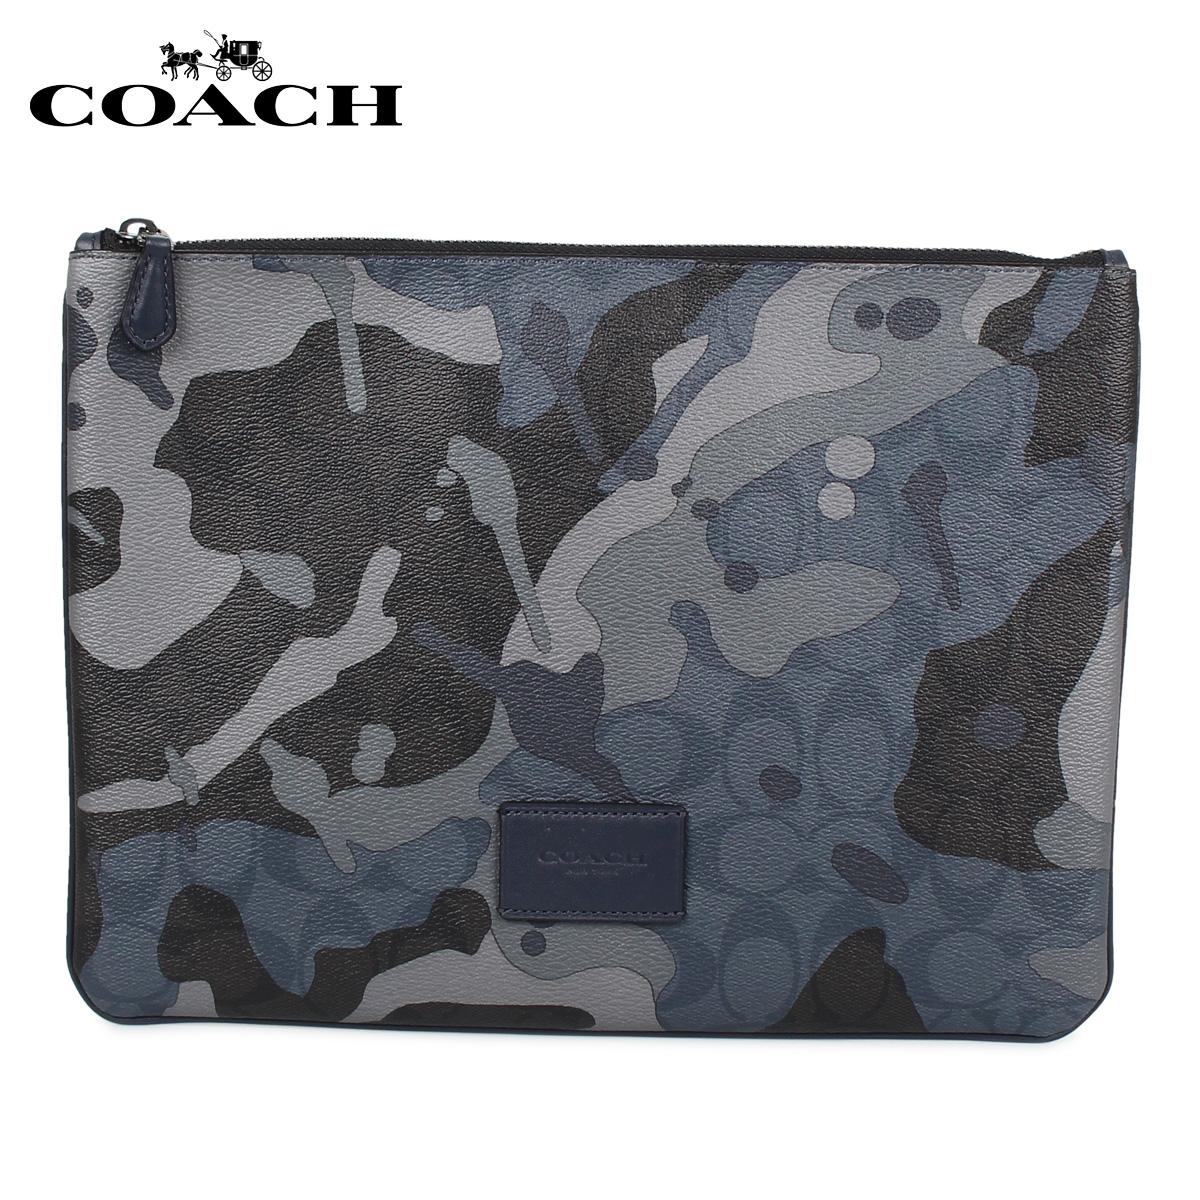 COACH コーチ タブレットケース iPadケース メンズ カモフラージュ F76950